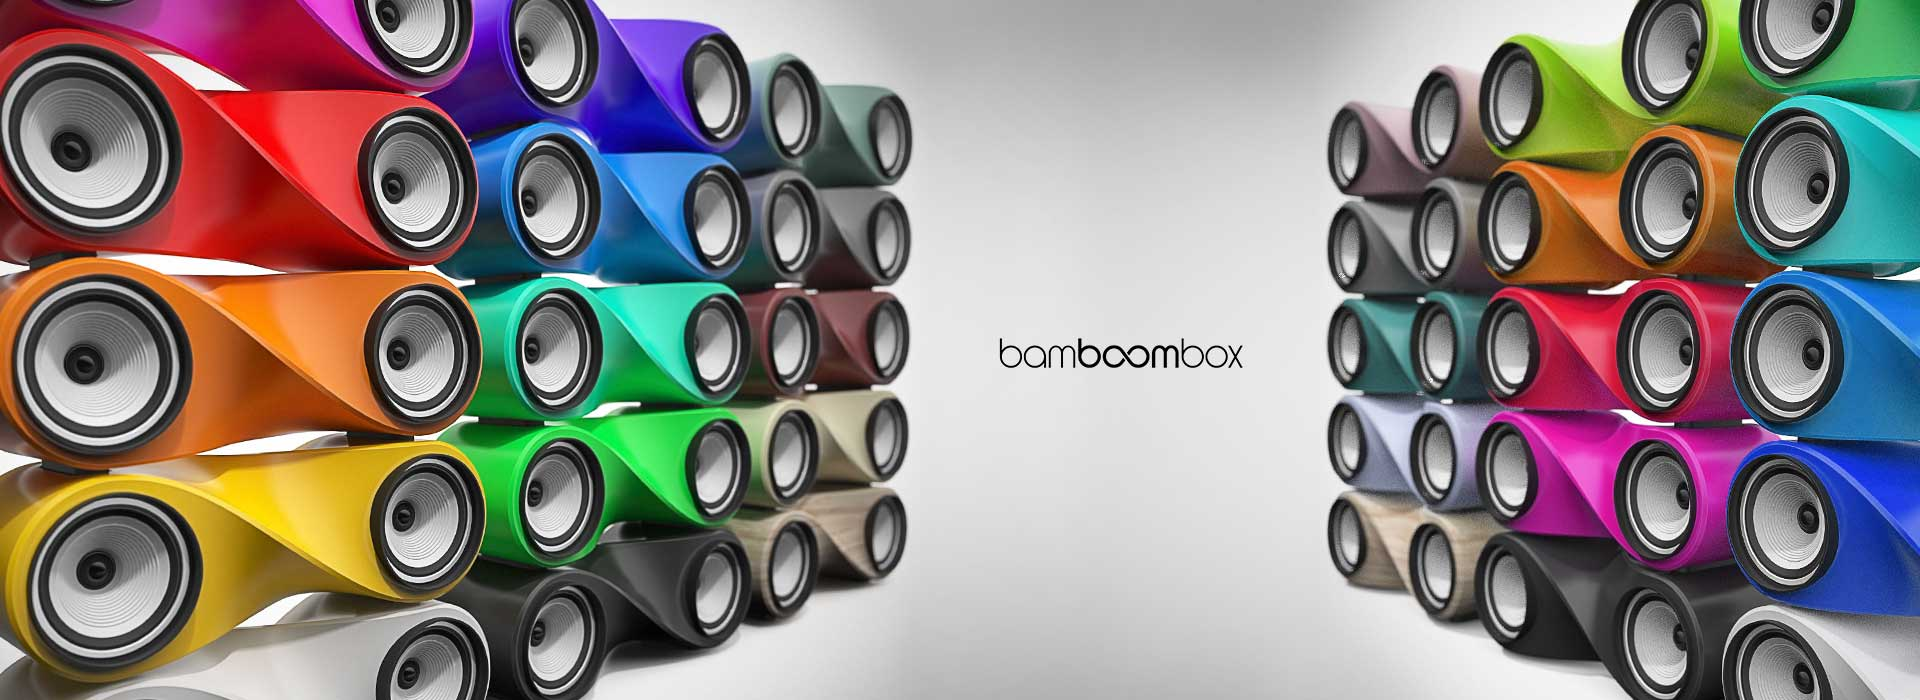 Bamboombox 02